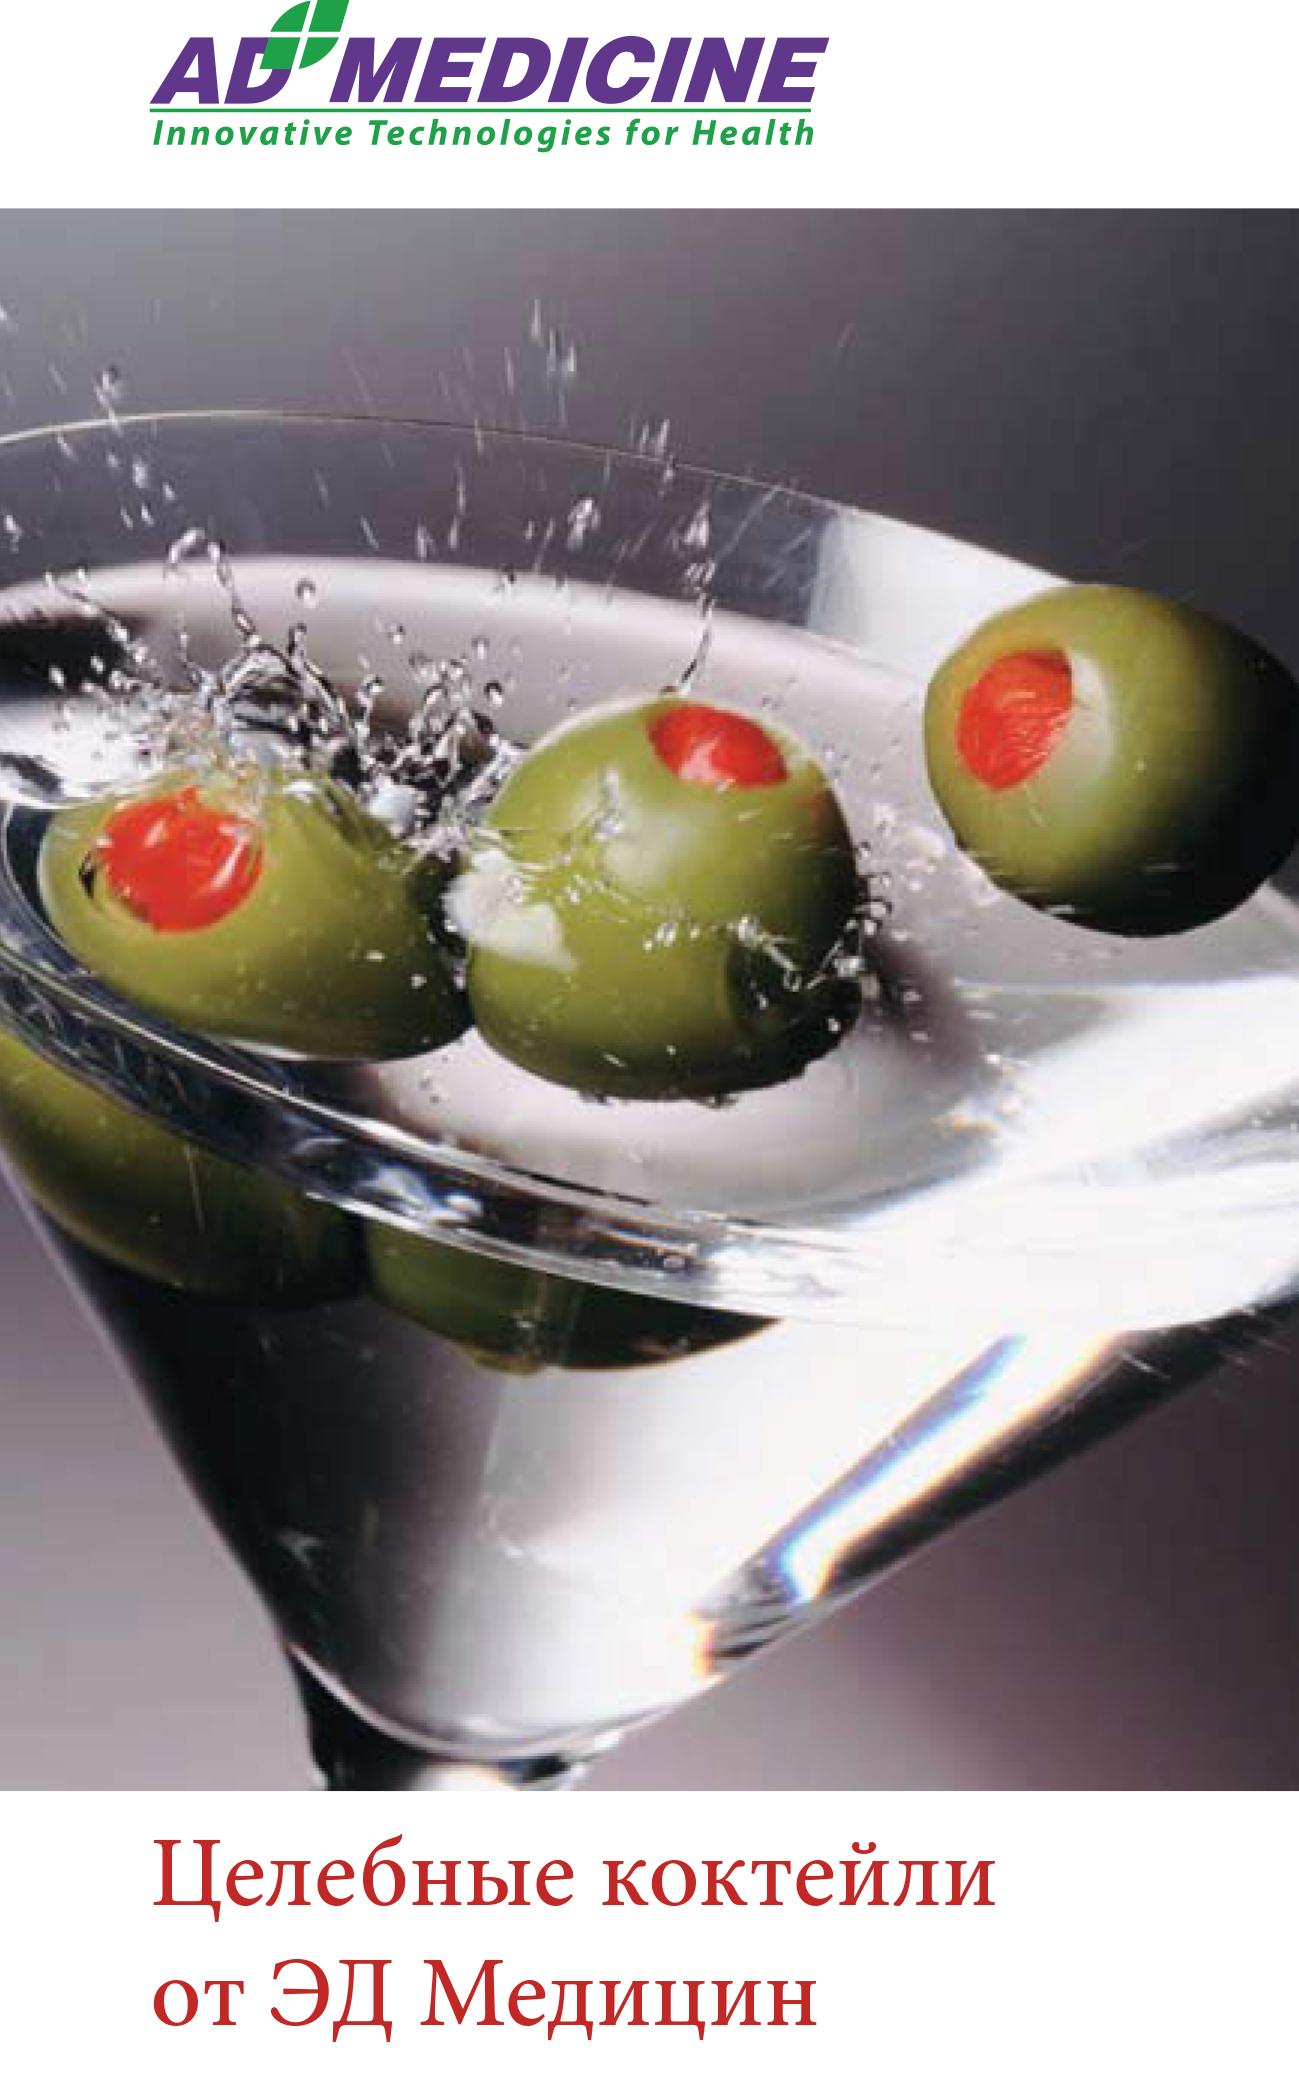 Как приготовить целебные коктейли с помощью препаратов ЭД Медицин